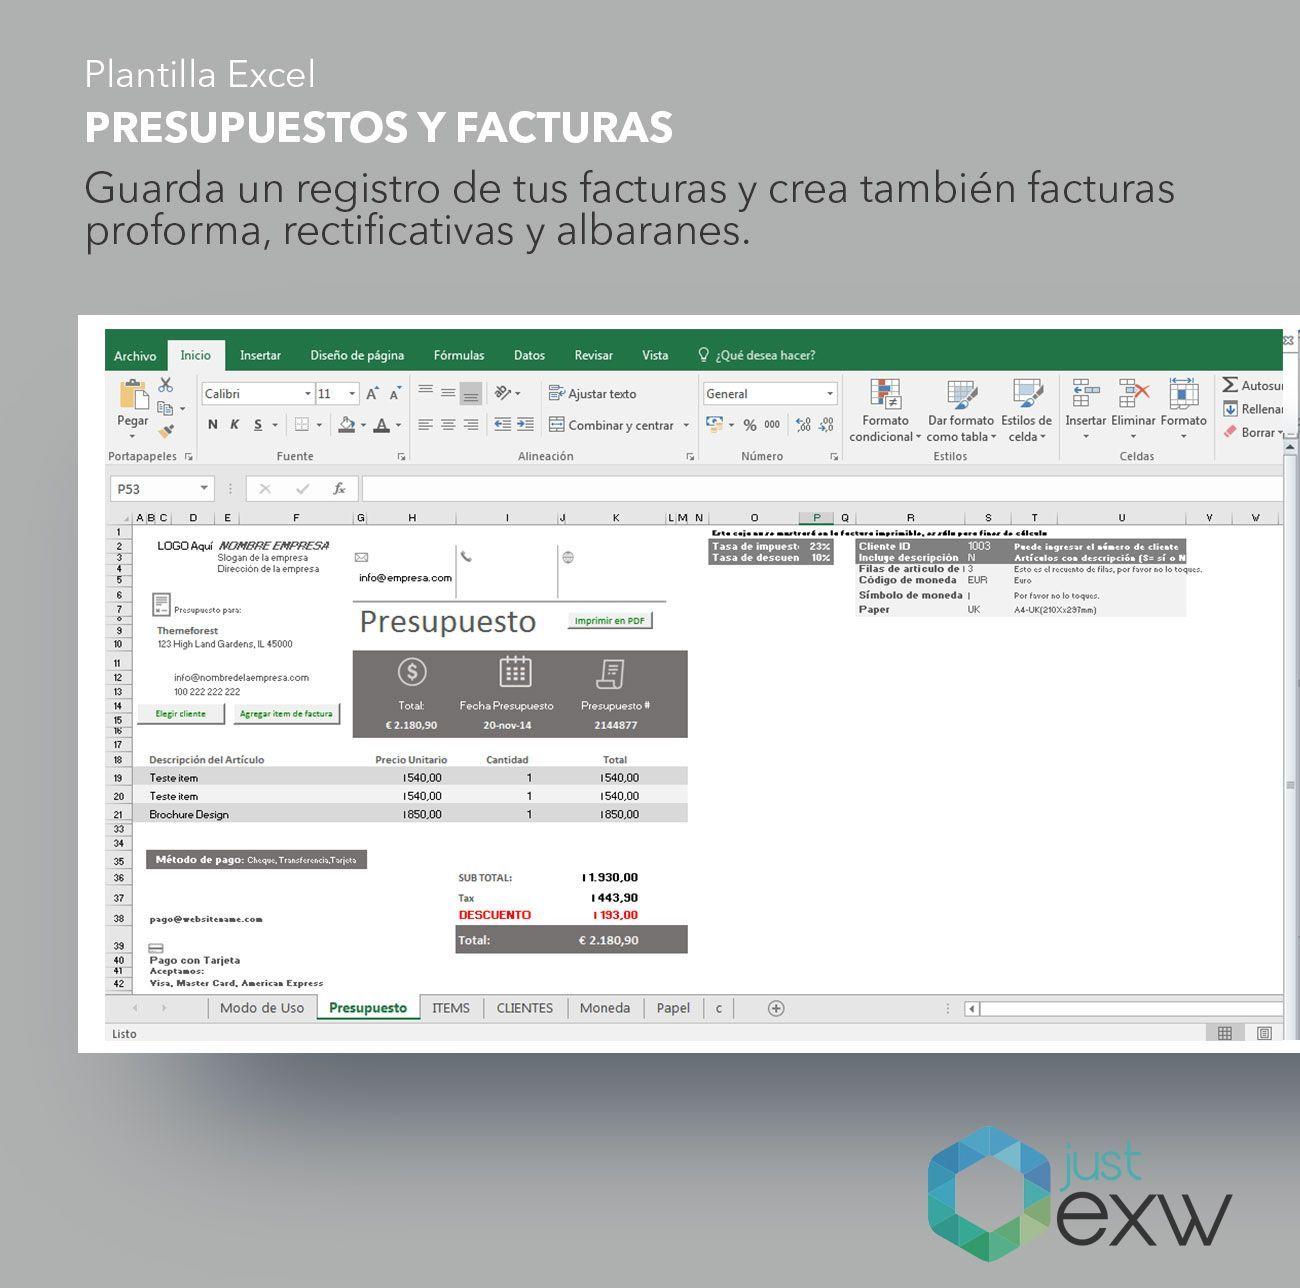 Plantilla de presupuesto y facturas en Excel